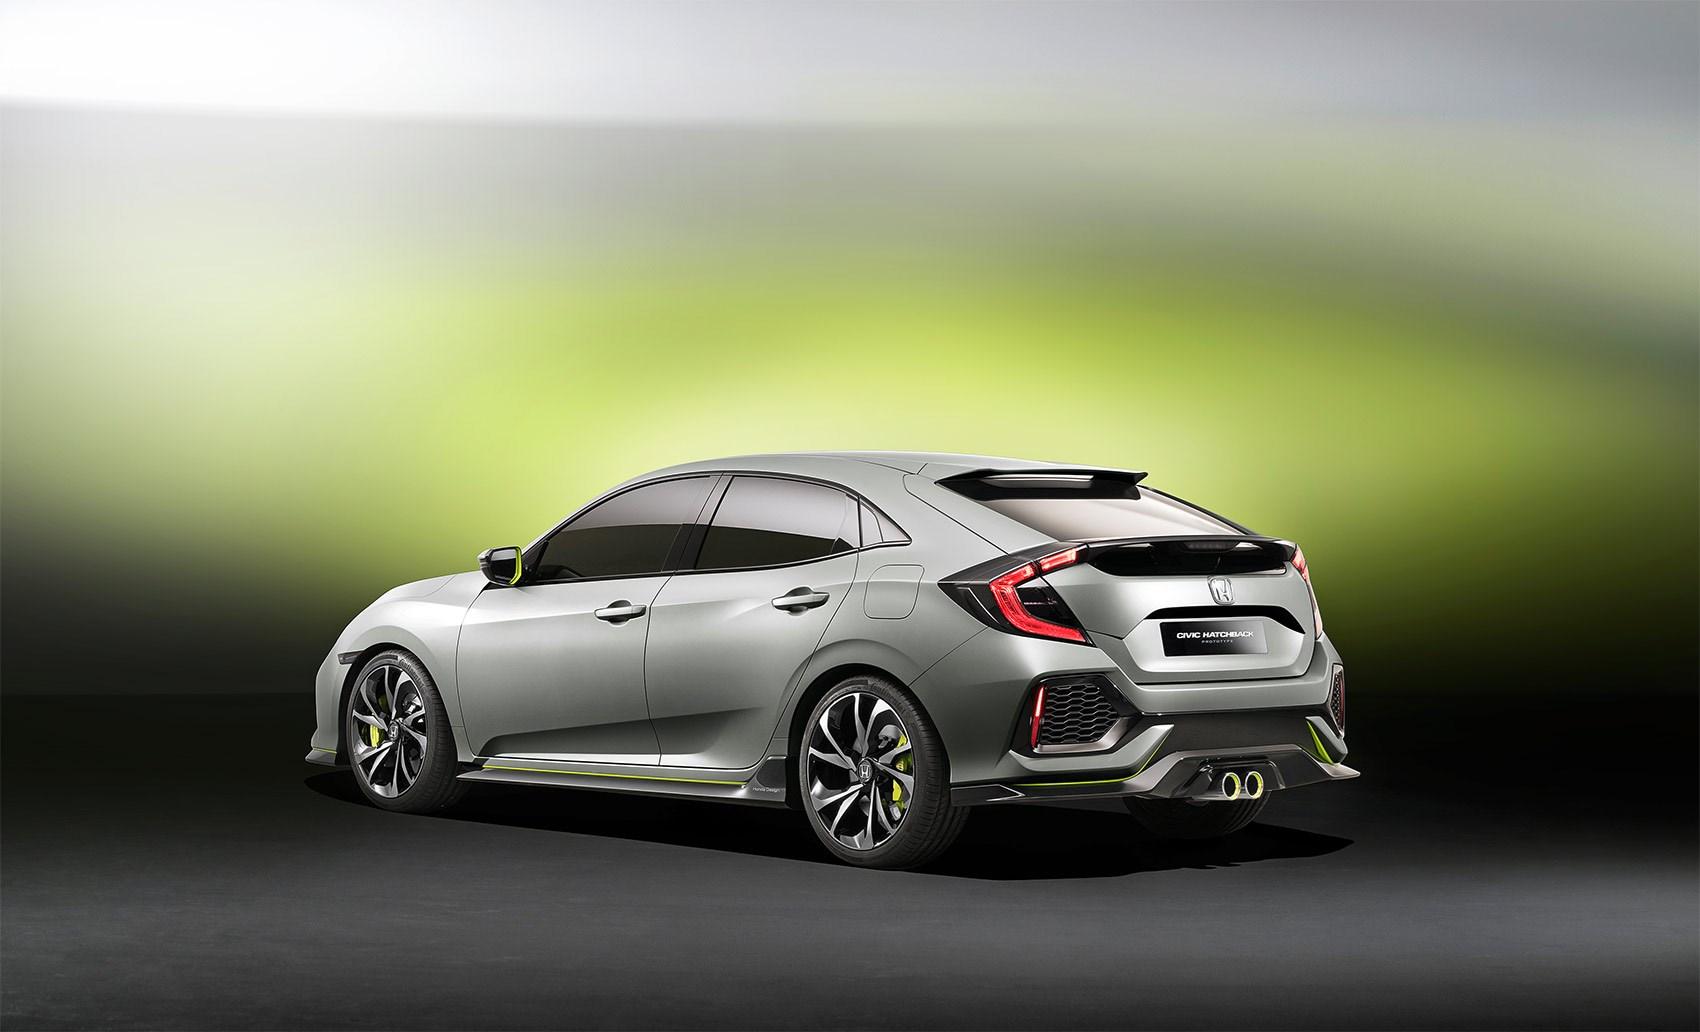 10th Gen Civic >> New Car Debrief 10th Gen Honda Civic Prototype Car April 2016